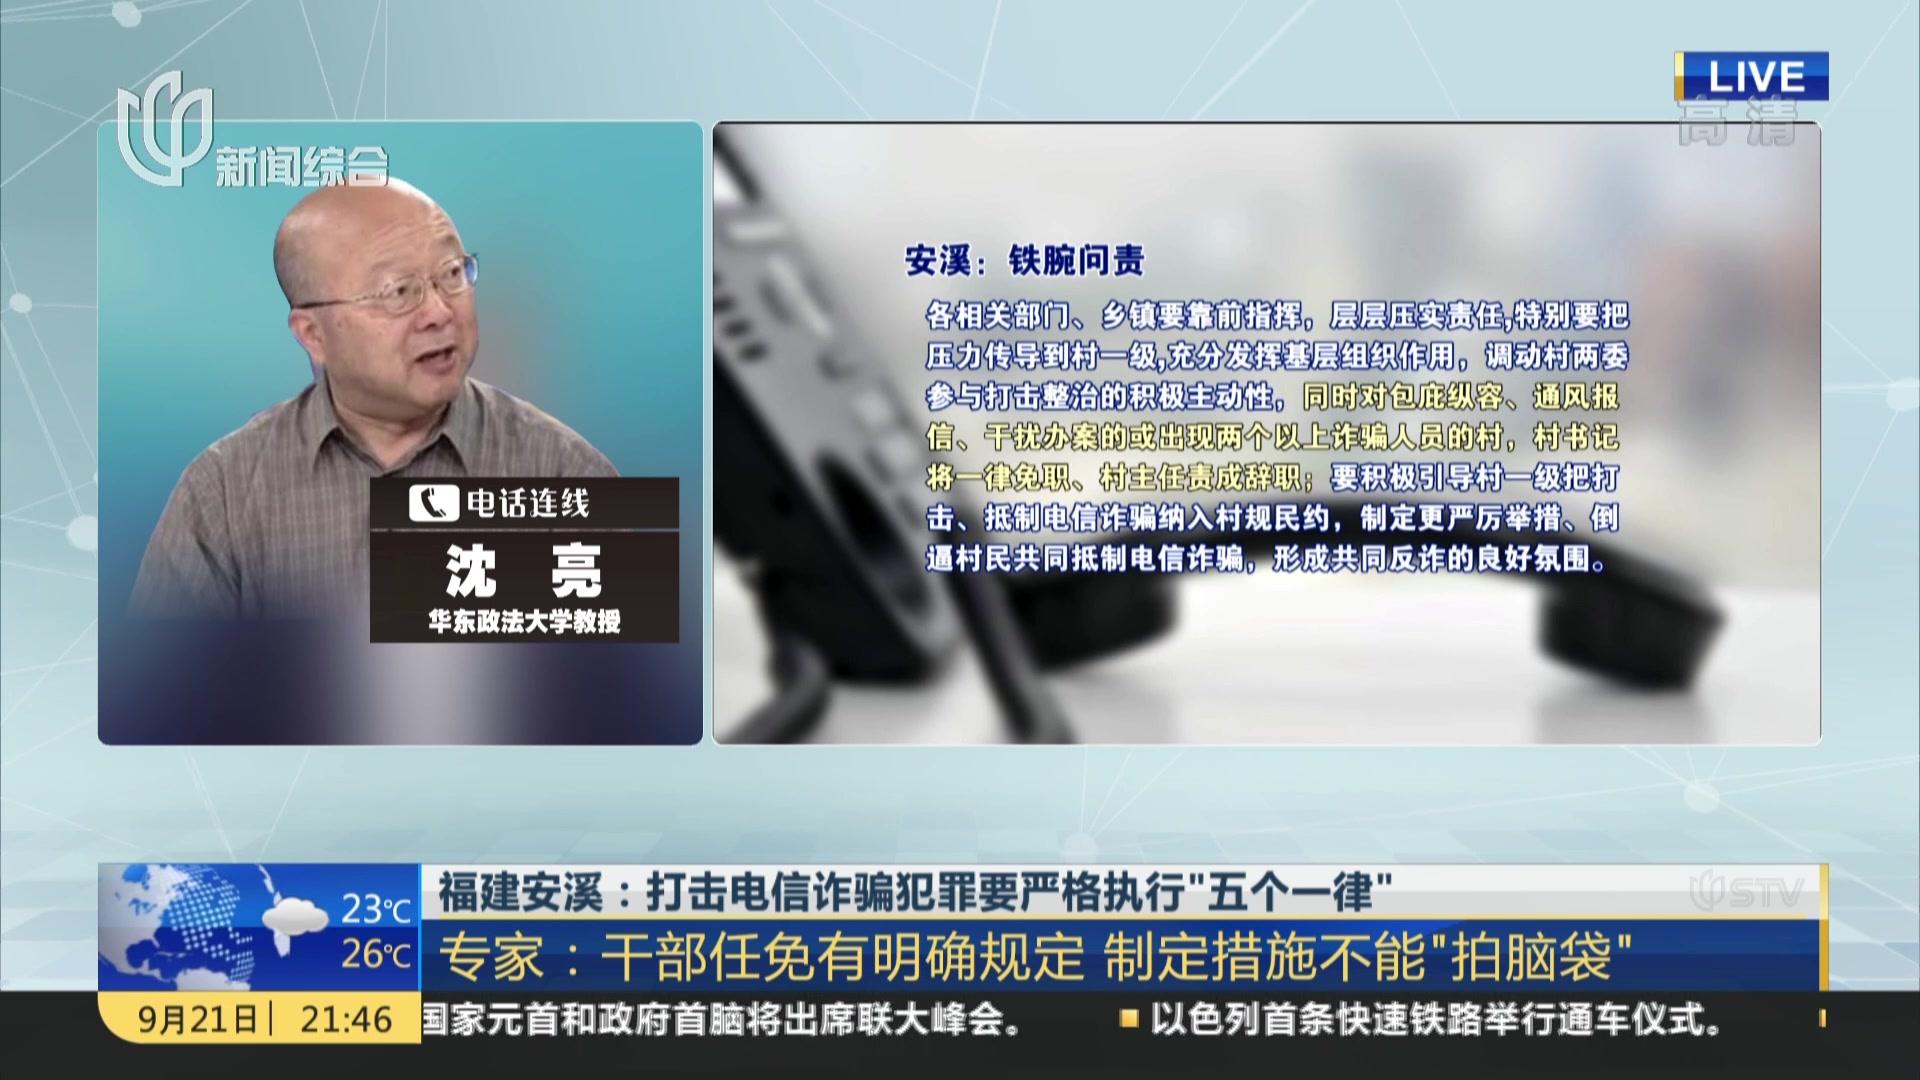 福建安溪:确保打击电信诈骗犯罪取得压倒性胜利